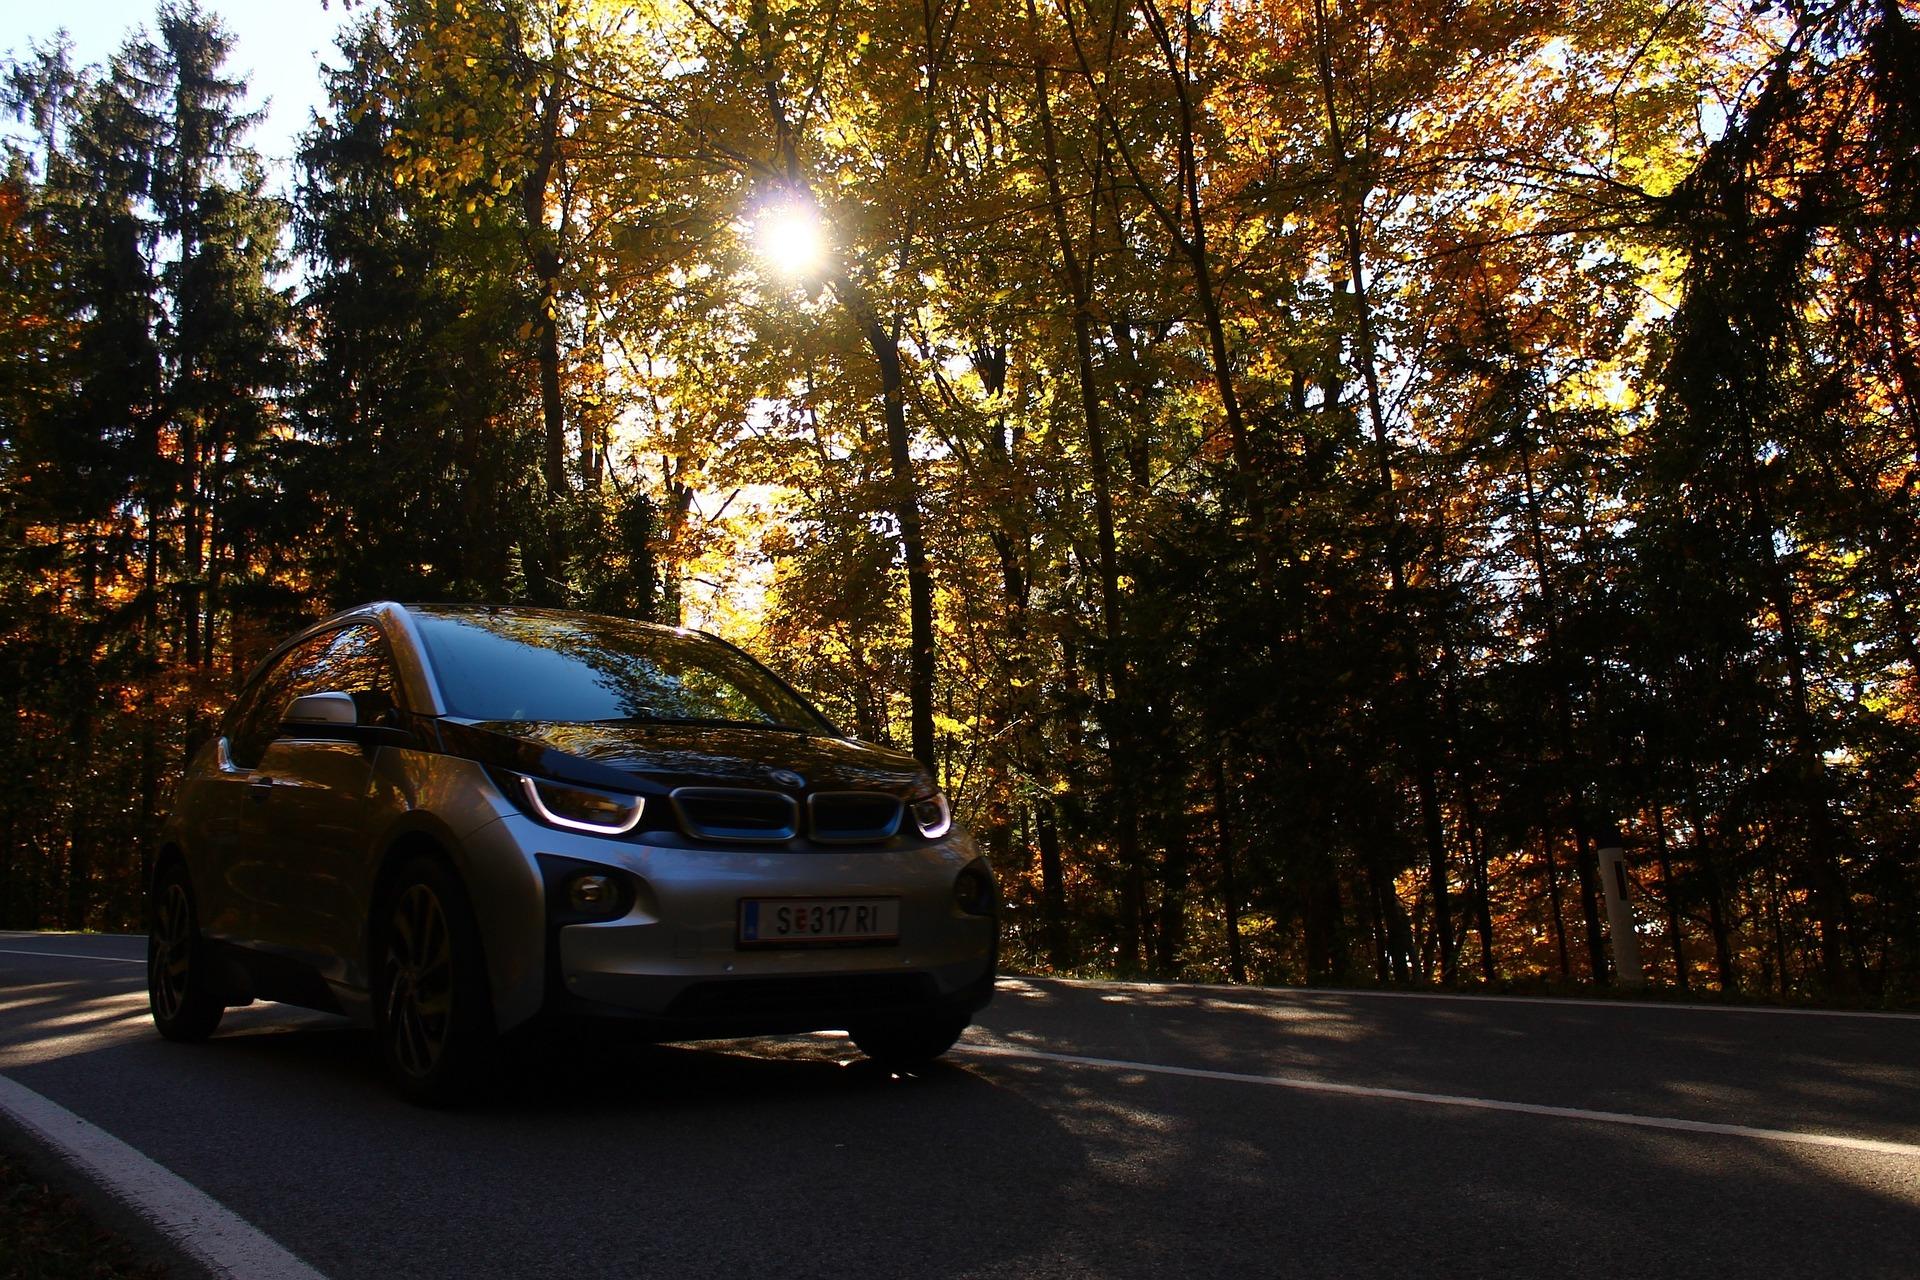 Oui, les voitures électriques polluent moins que les moteurs thermiques